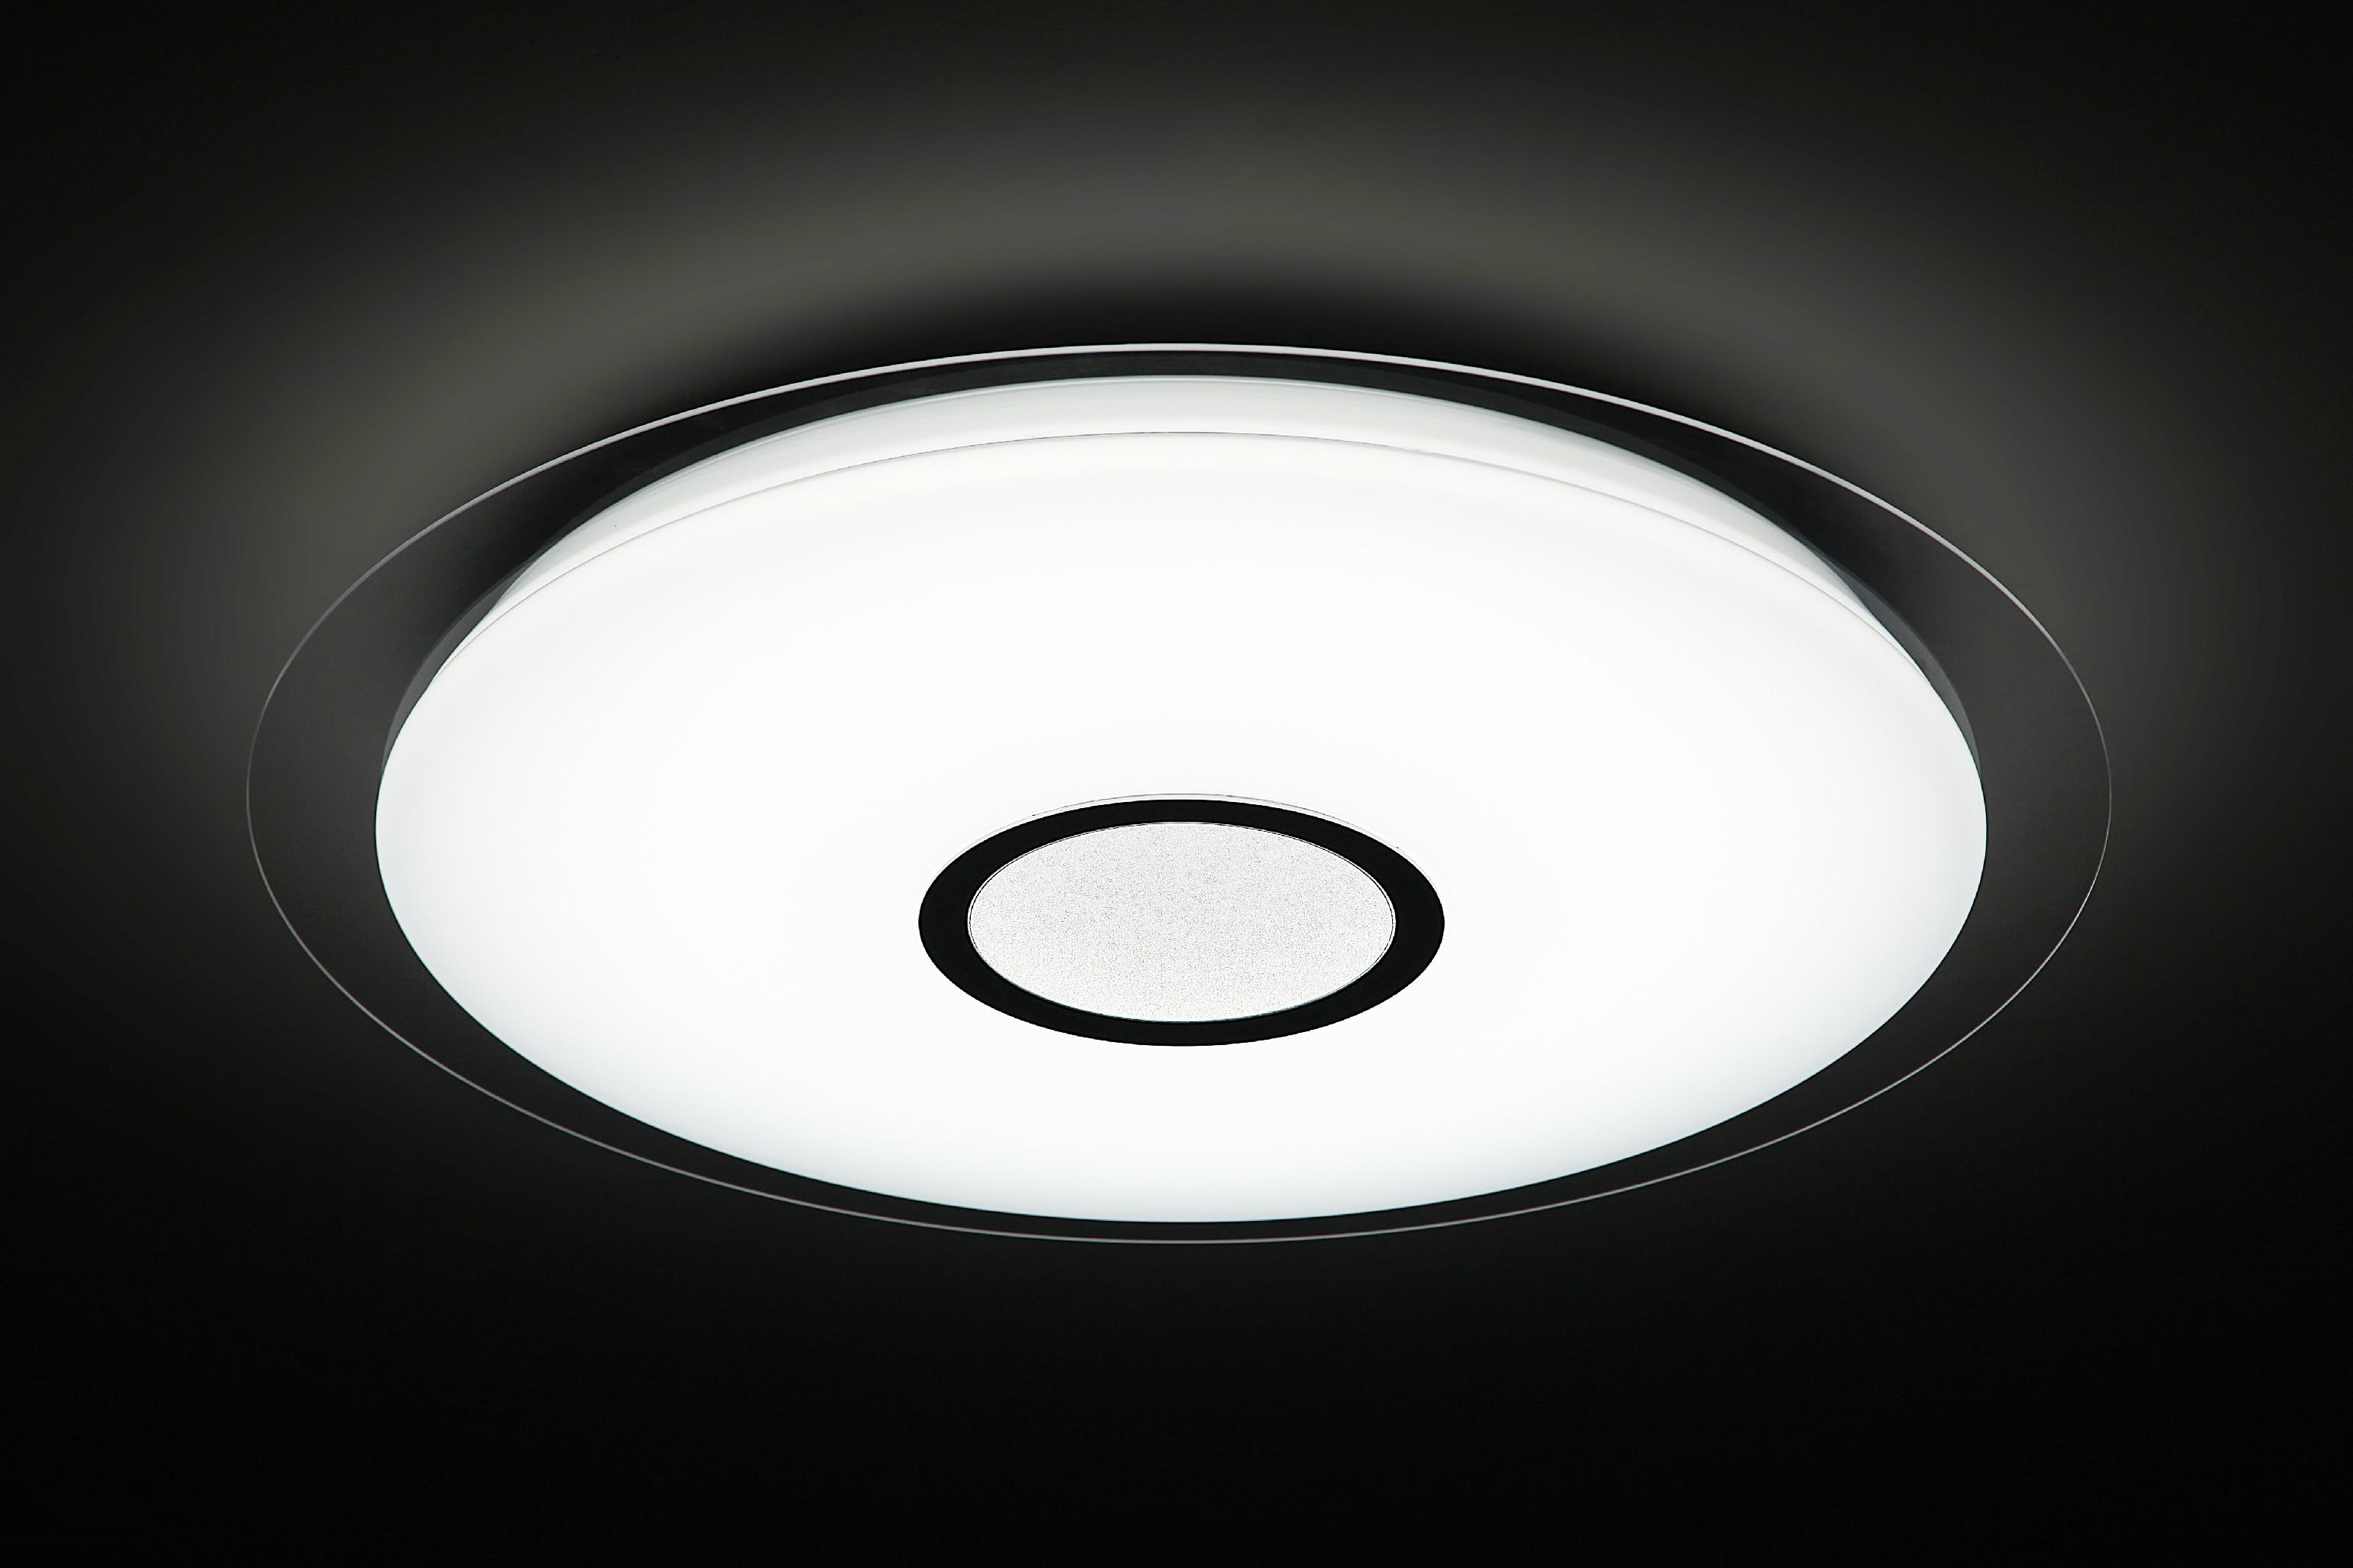 Inteligentní ECO LED svítidlo - Dalen DL-C319TW WiFi + LED lampička Argus Vela (různé barvy)